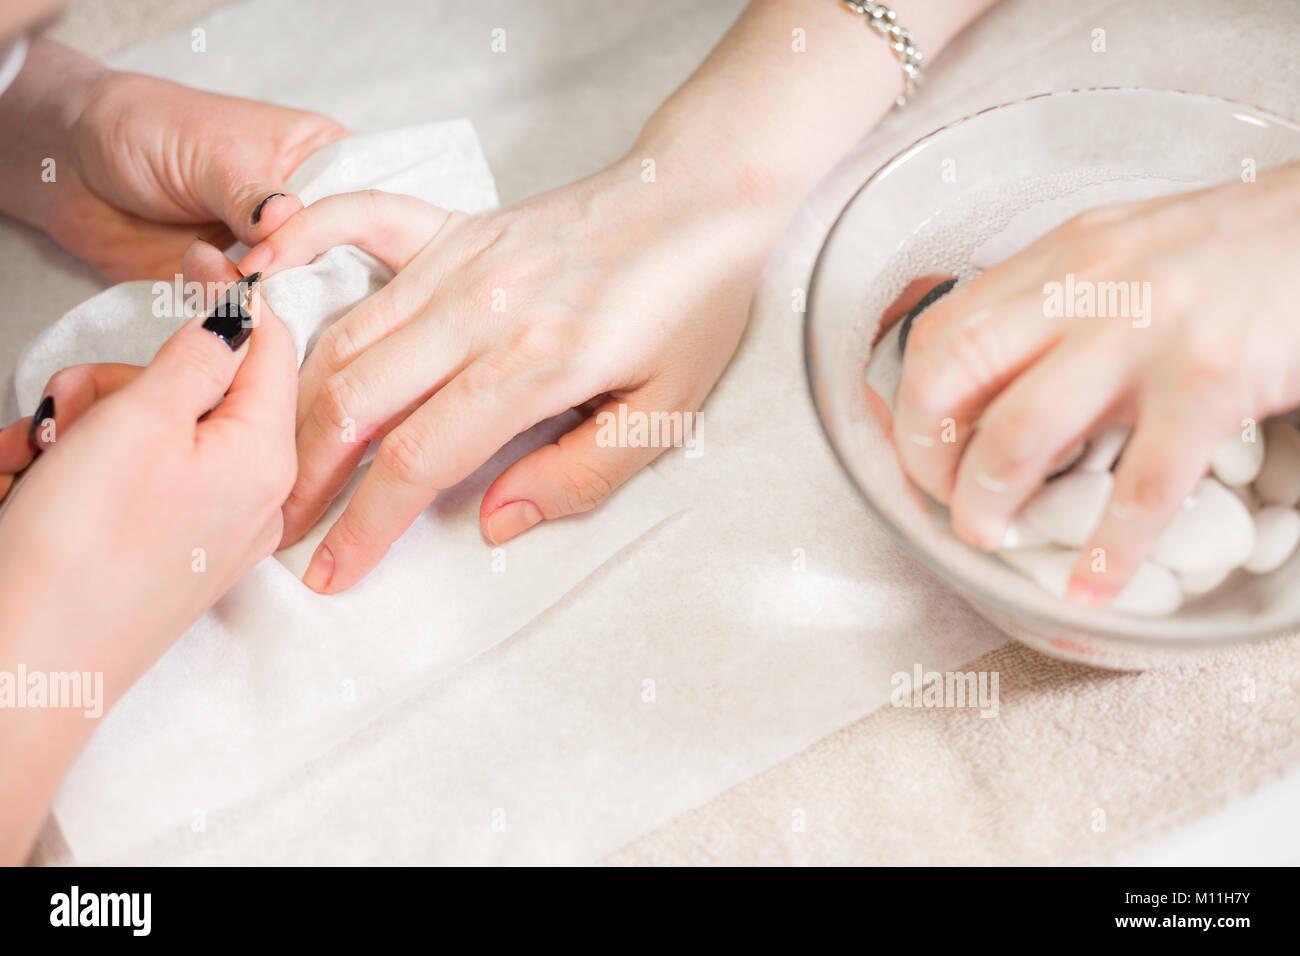 Closeup Uña Manicura cuidado por la especialista en belleza ...